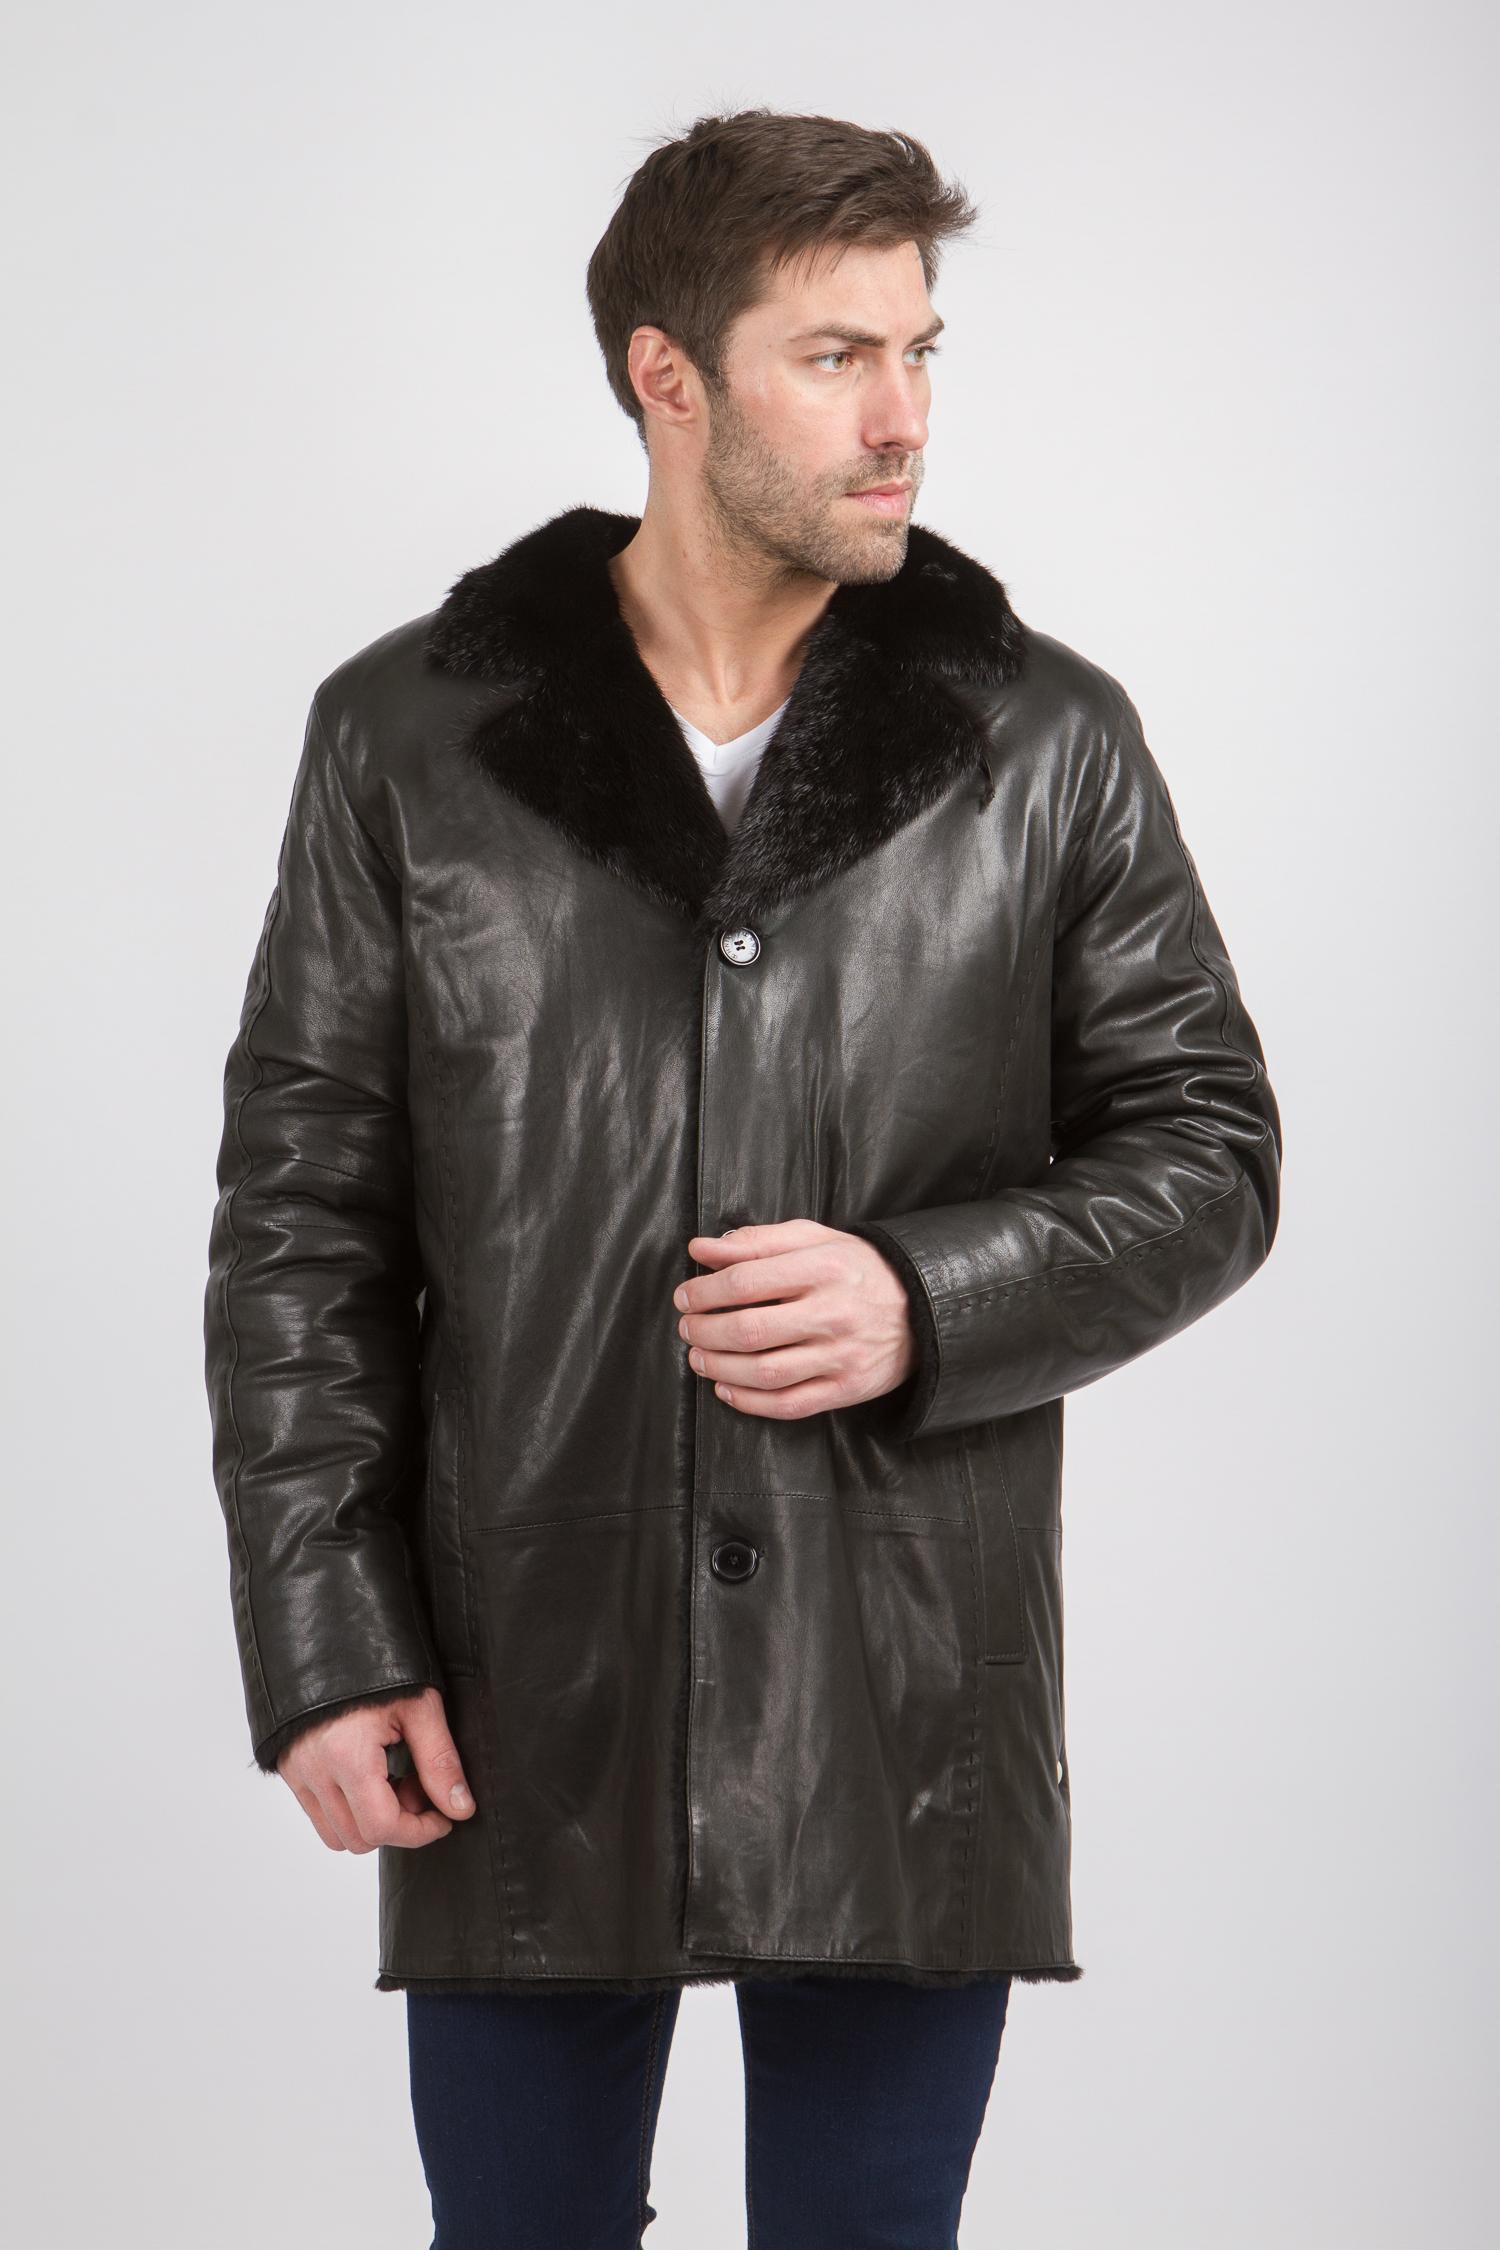 Мужская кожаная куртка из натуральной кожи на меху с воротником, отделка ондатра